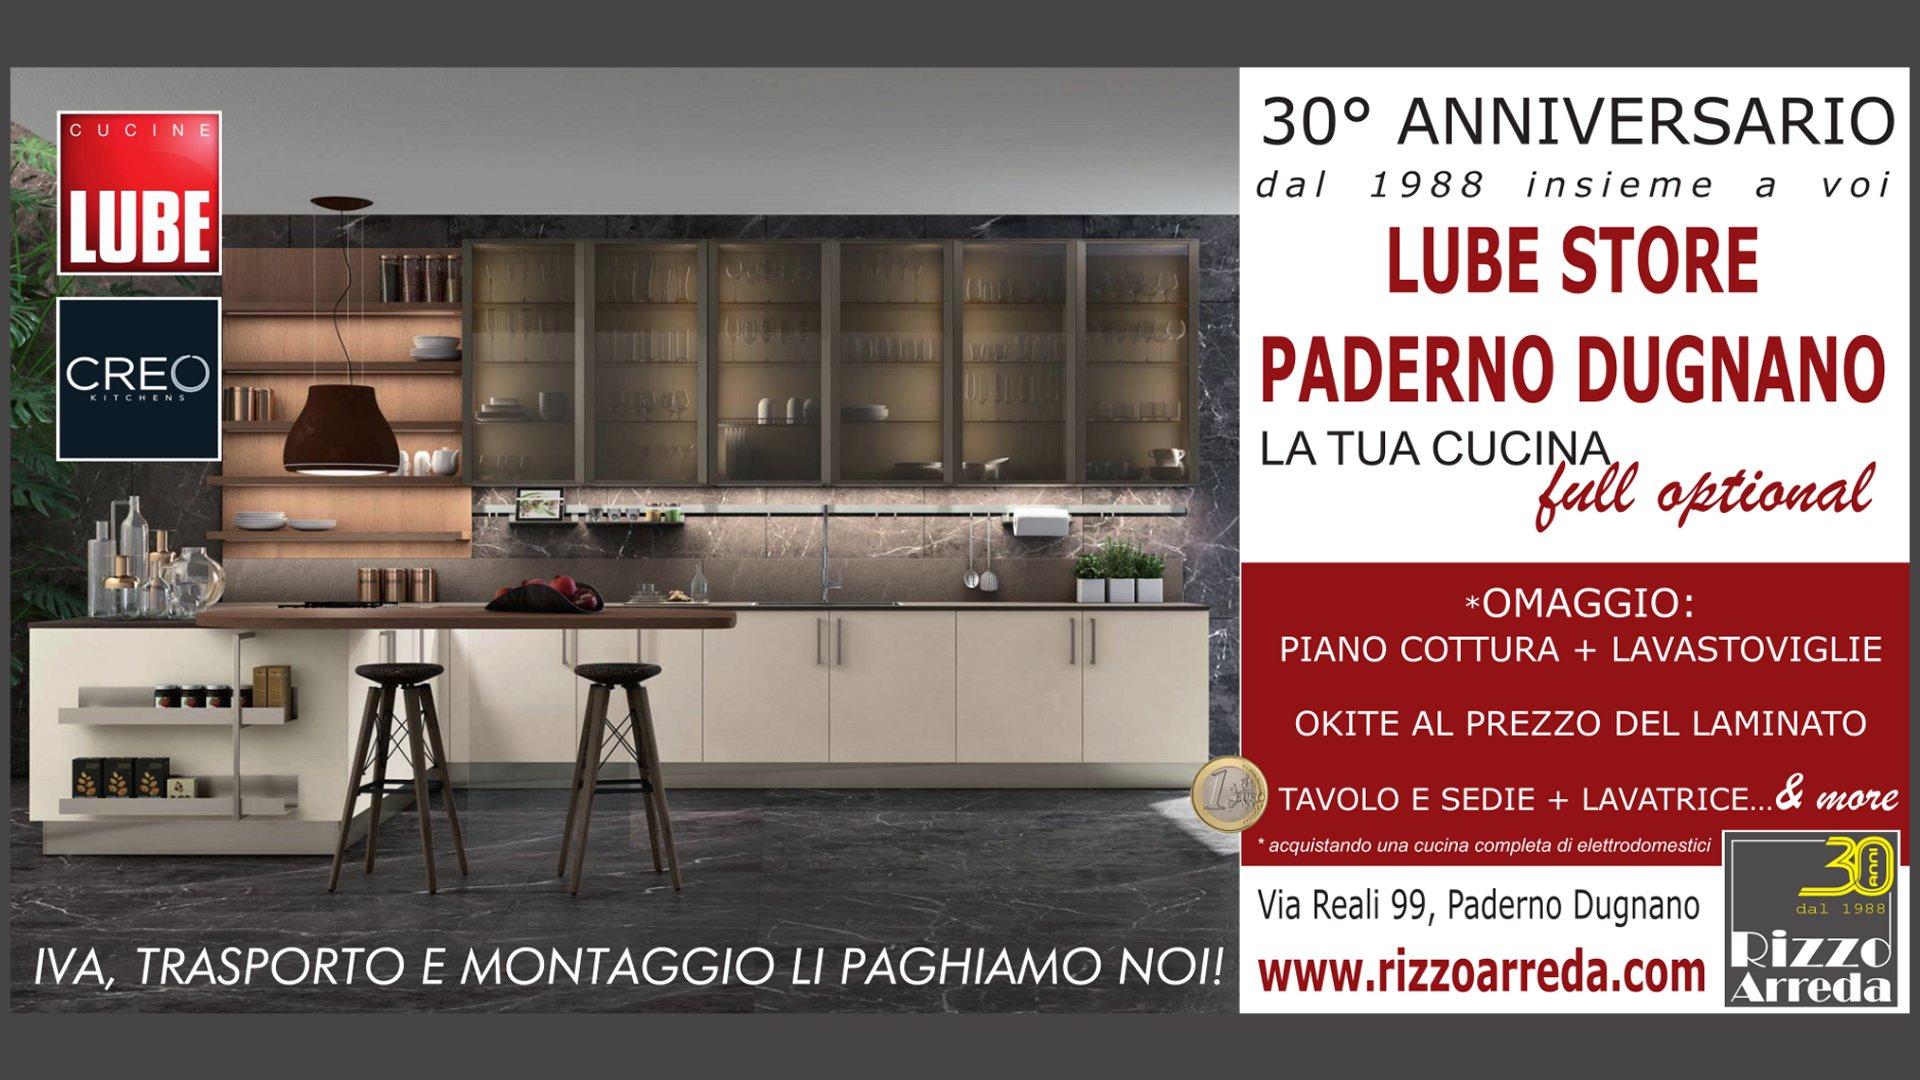 Cucina Completa Di Elettrodomestici Tavolo E Sedie.30 Anniversario Rizzo Arreda Lube Arredamenti Paderno Dugnano